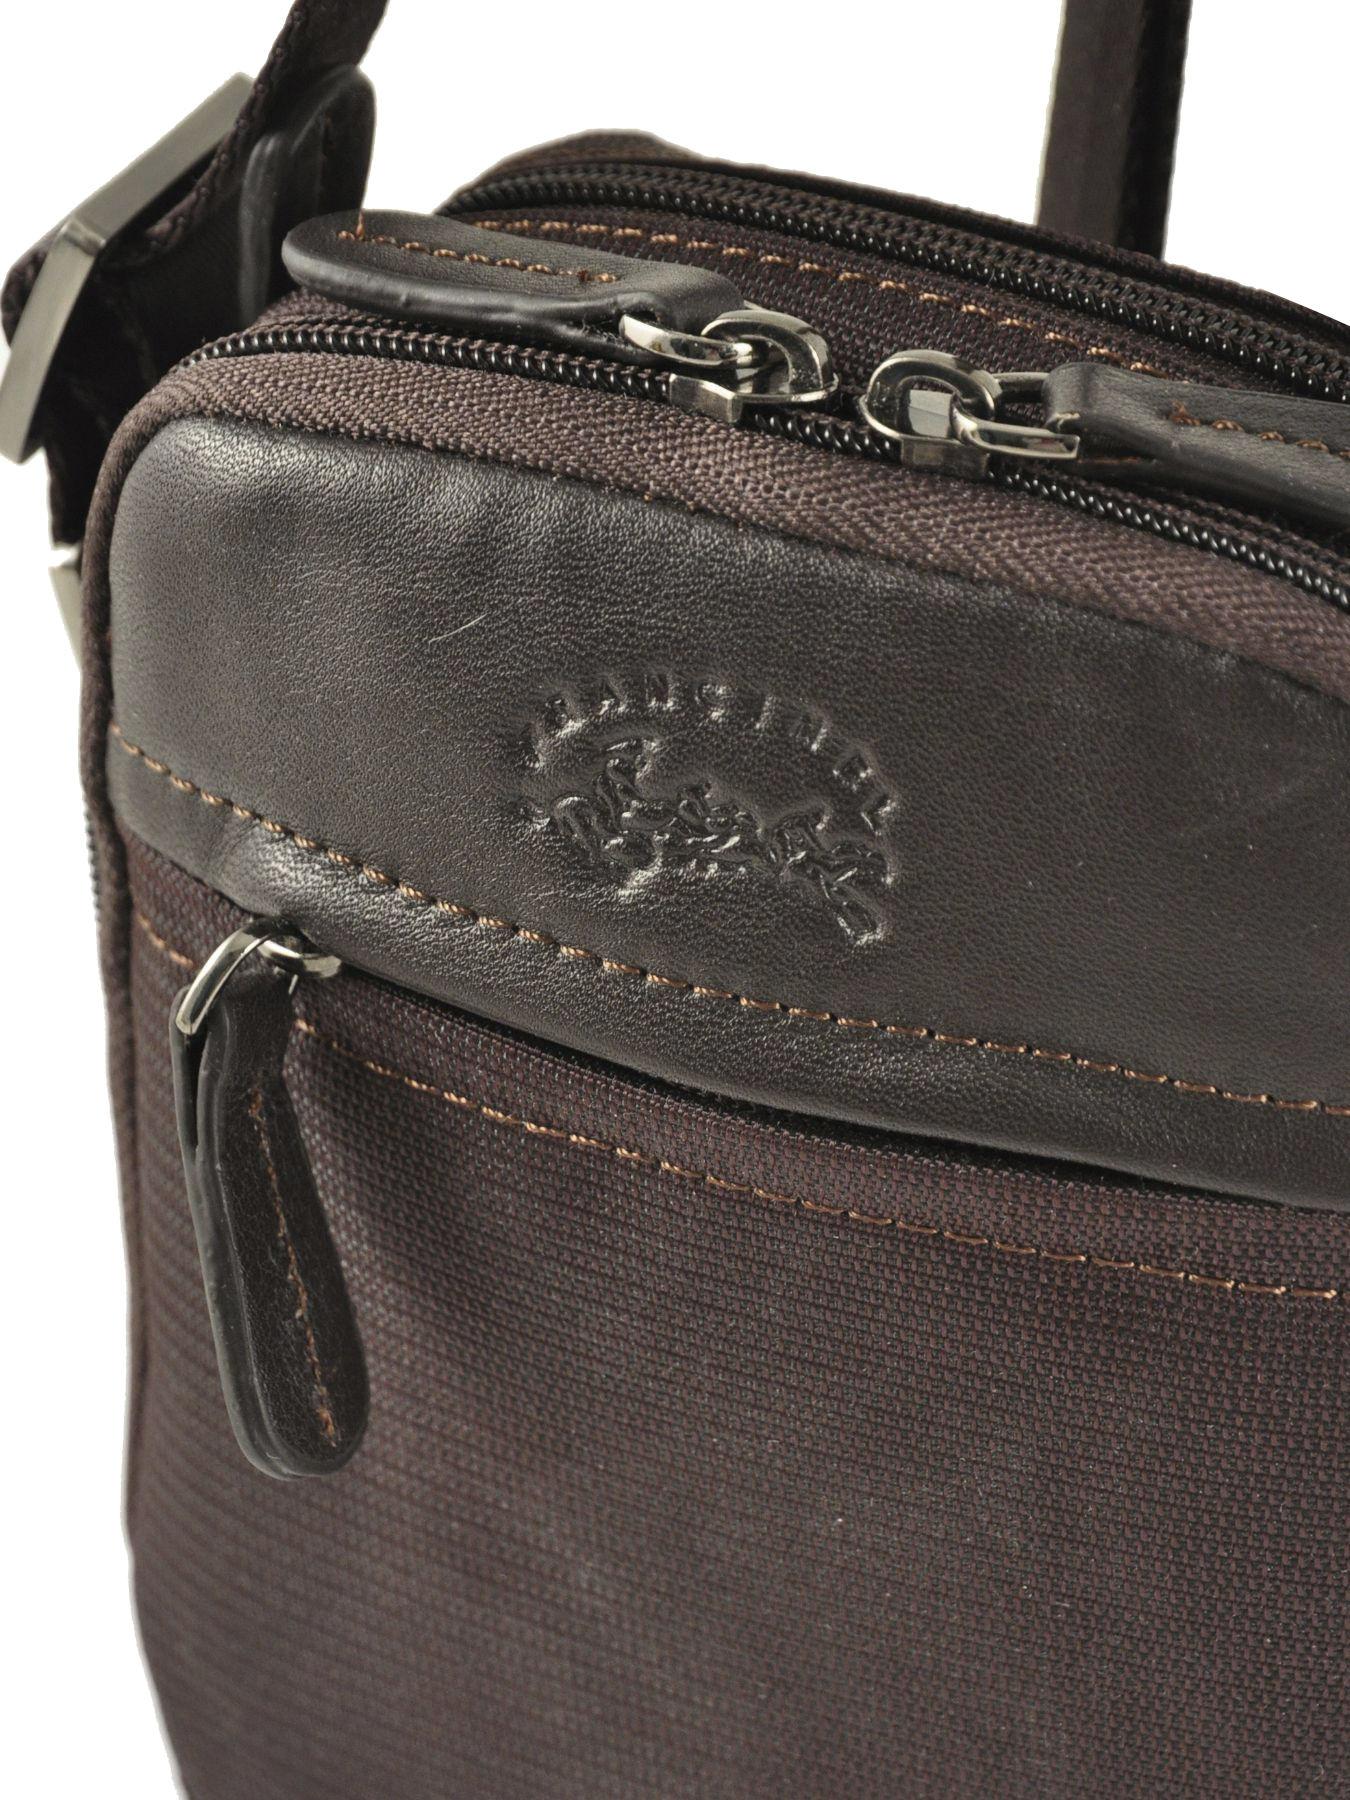 Pochette petite sacoche Francinel 653102 marron fonce en vente au ... 18a68bc543b